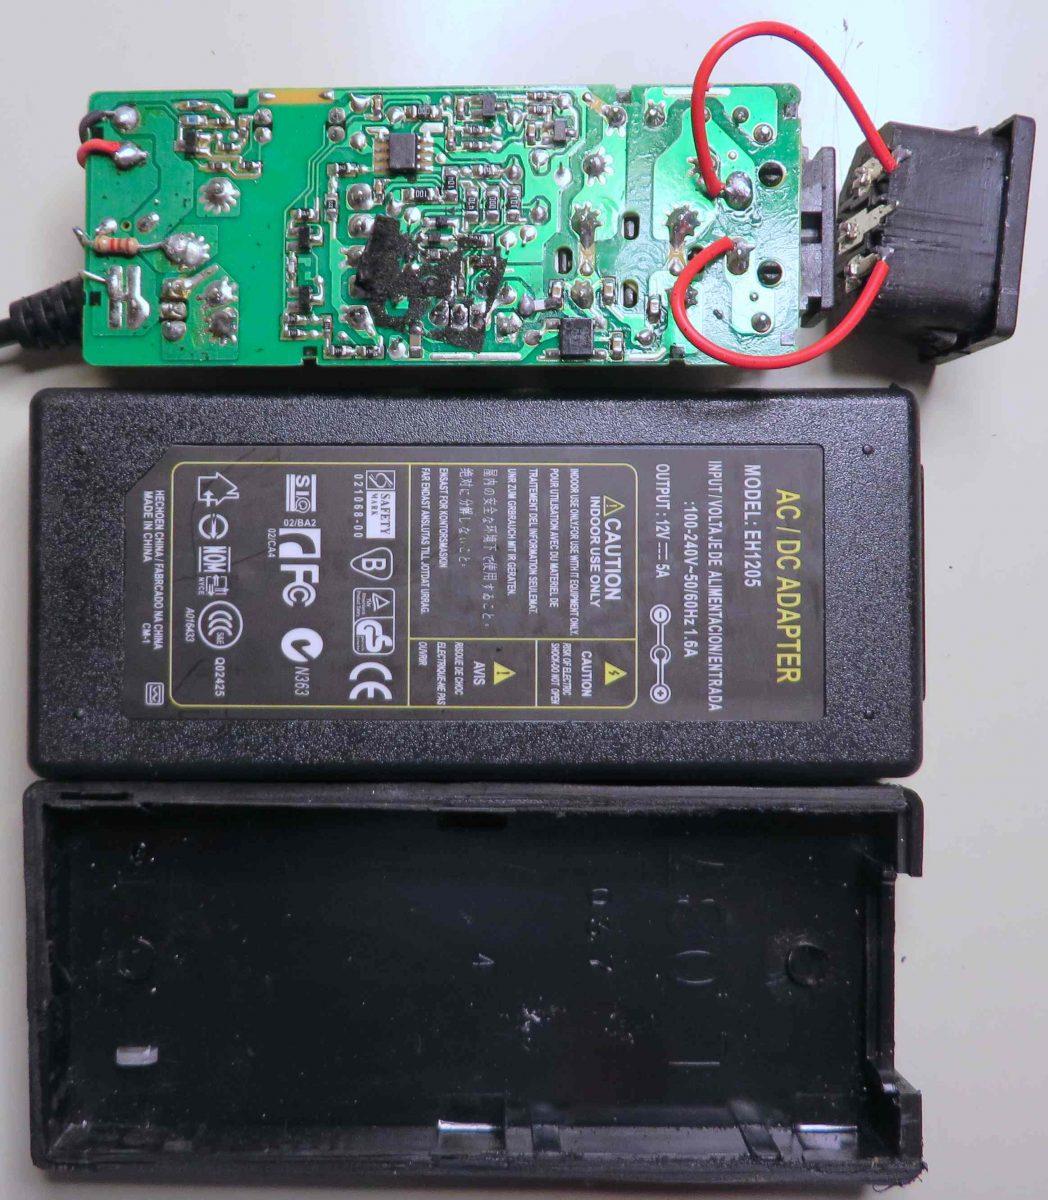 Teardown12V AC adapters – The Horror